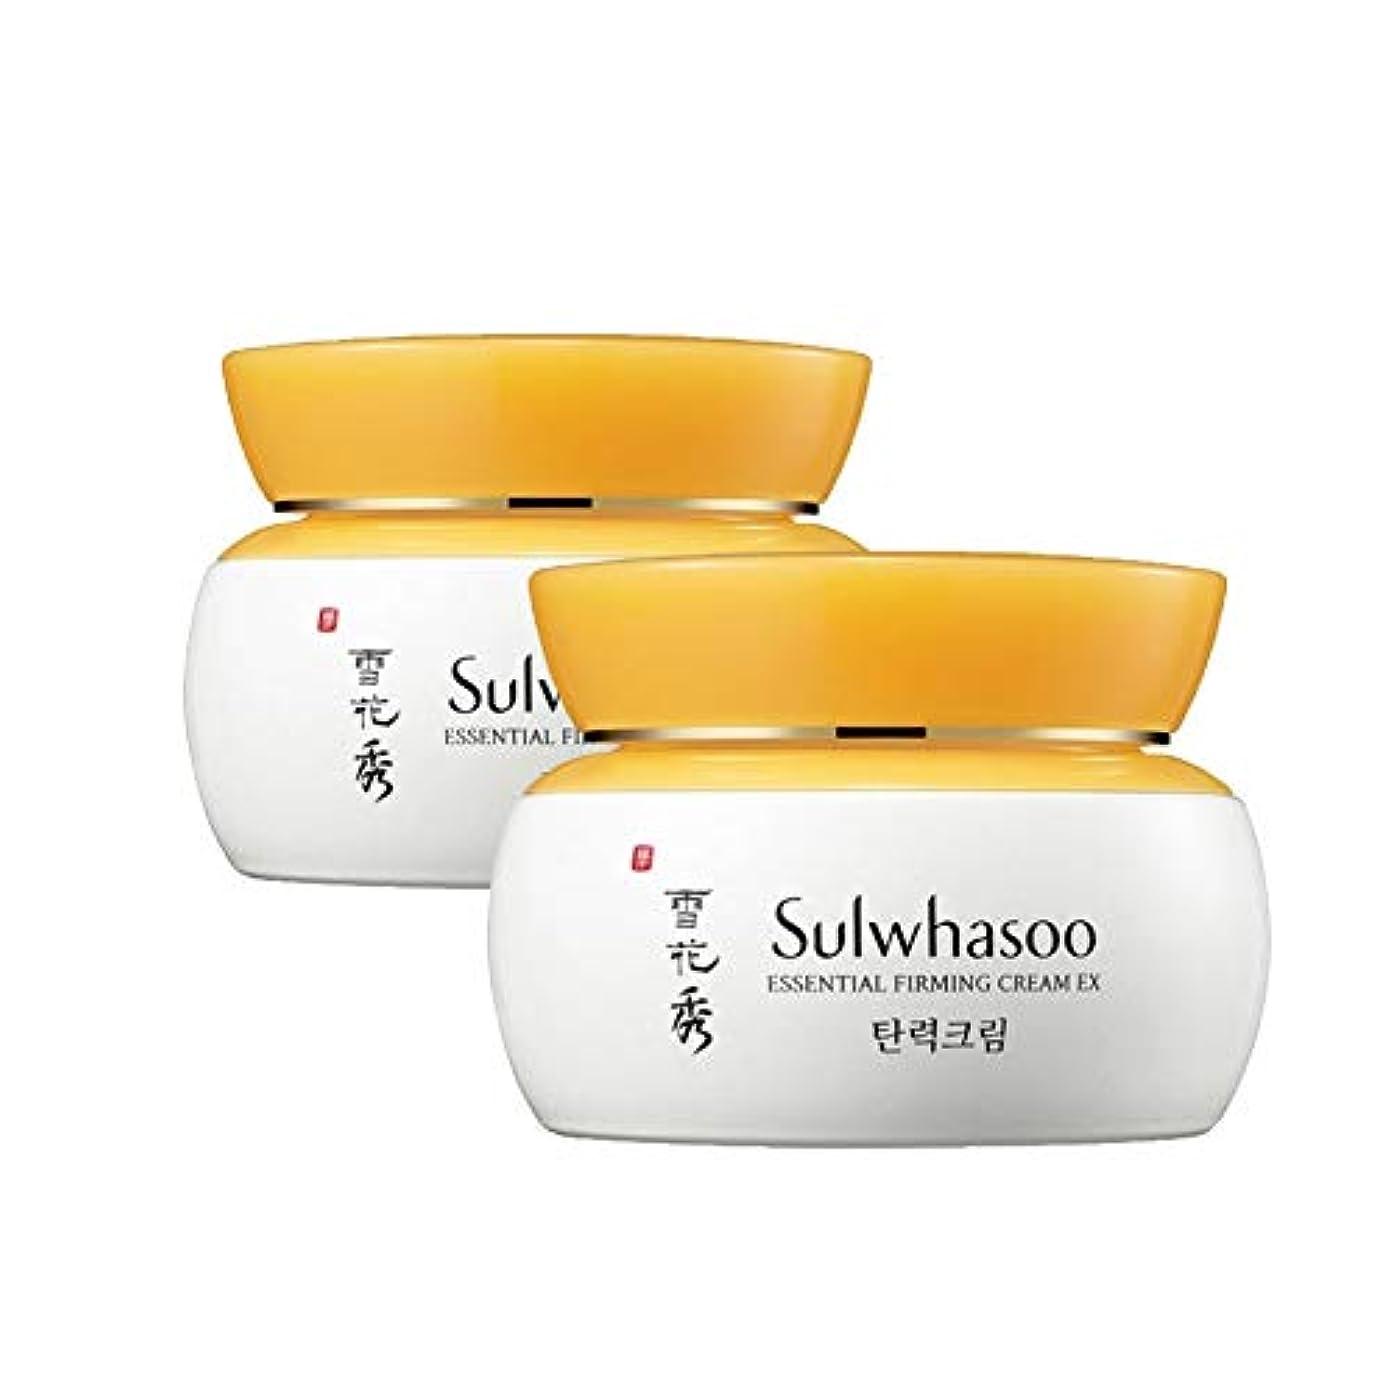 セクション持っているへこみ雪花秀エッセンシャルパーミングクリーム 75mlx2本セット弾力クリーム韓国コスメ、Sulwhasoo Essential Firming Cream 75ml x 2ea Set Korean Cosmetics [並行輸入品]